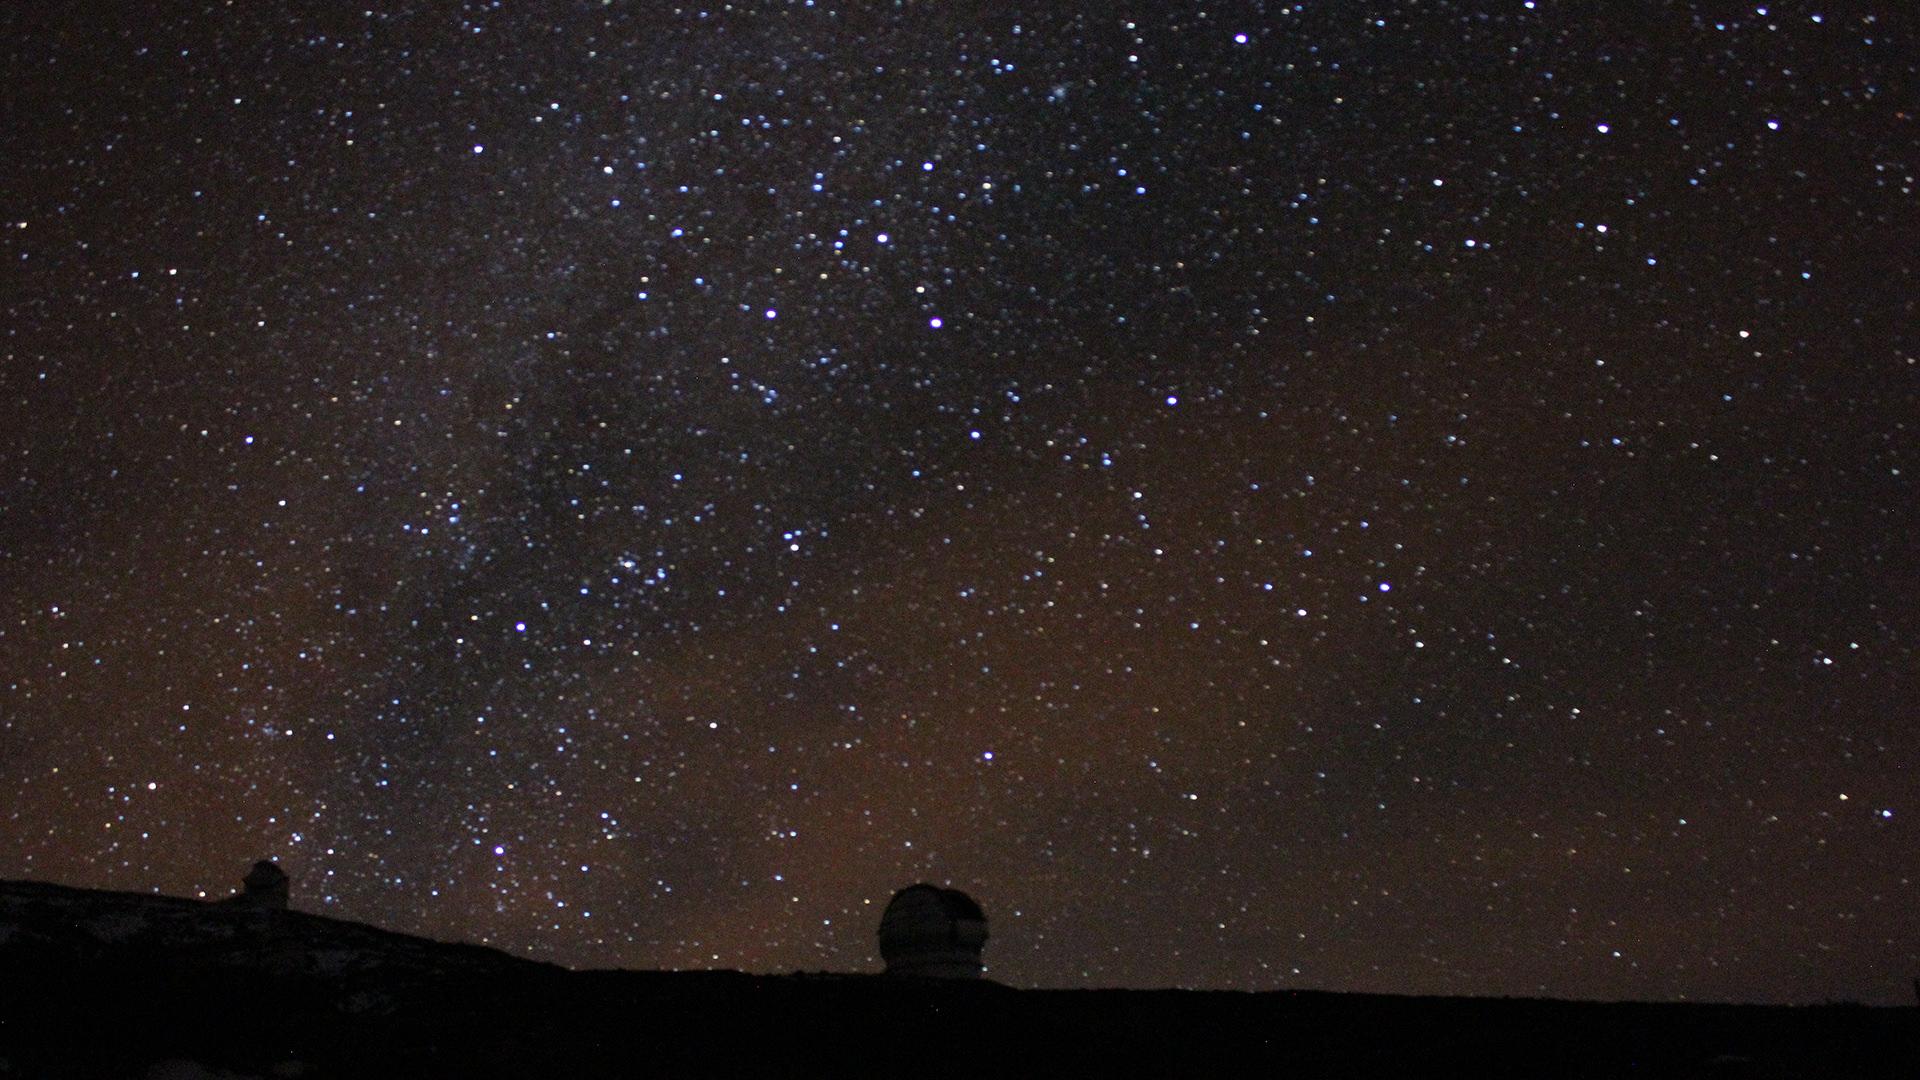 ¡Astroturismo en La Palma para ver y observar las estrellas con el telescopio!